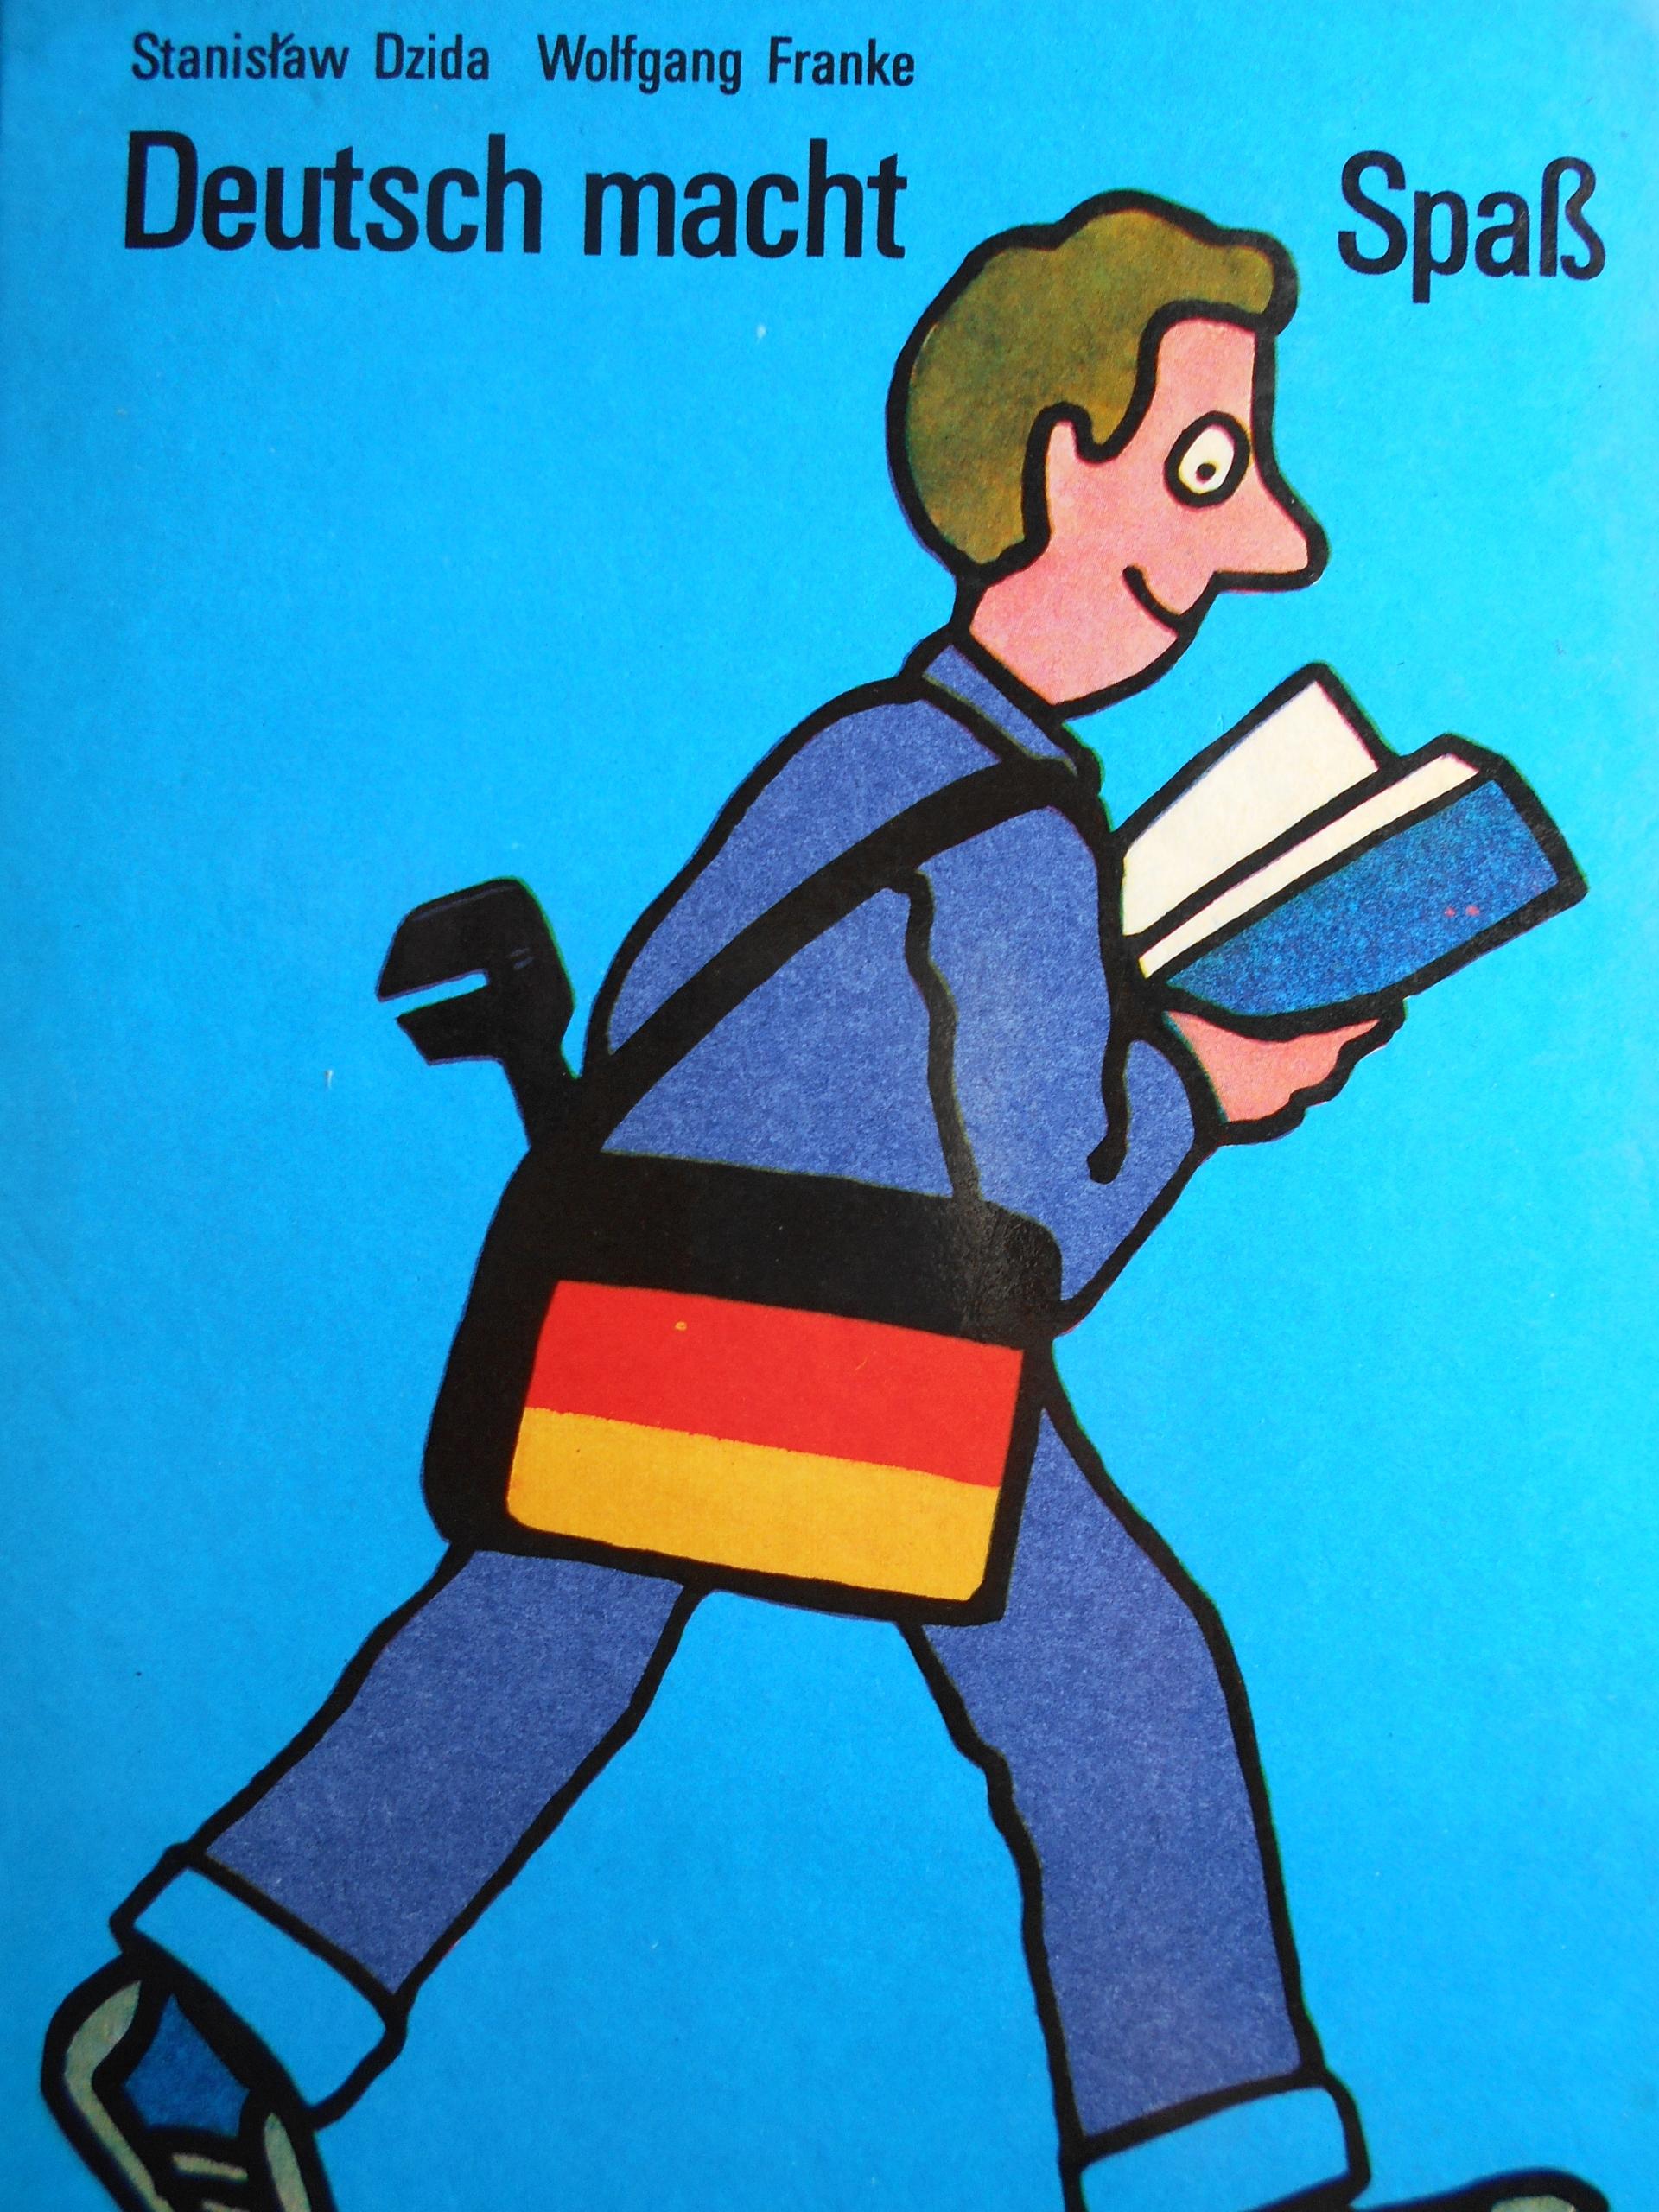 Znalezione obrazy dla zapytania Stanisław Dzida Wolfgang Franke : Deutsch macht Spass - Kurs języka niemieckiego dla początkujących